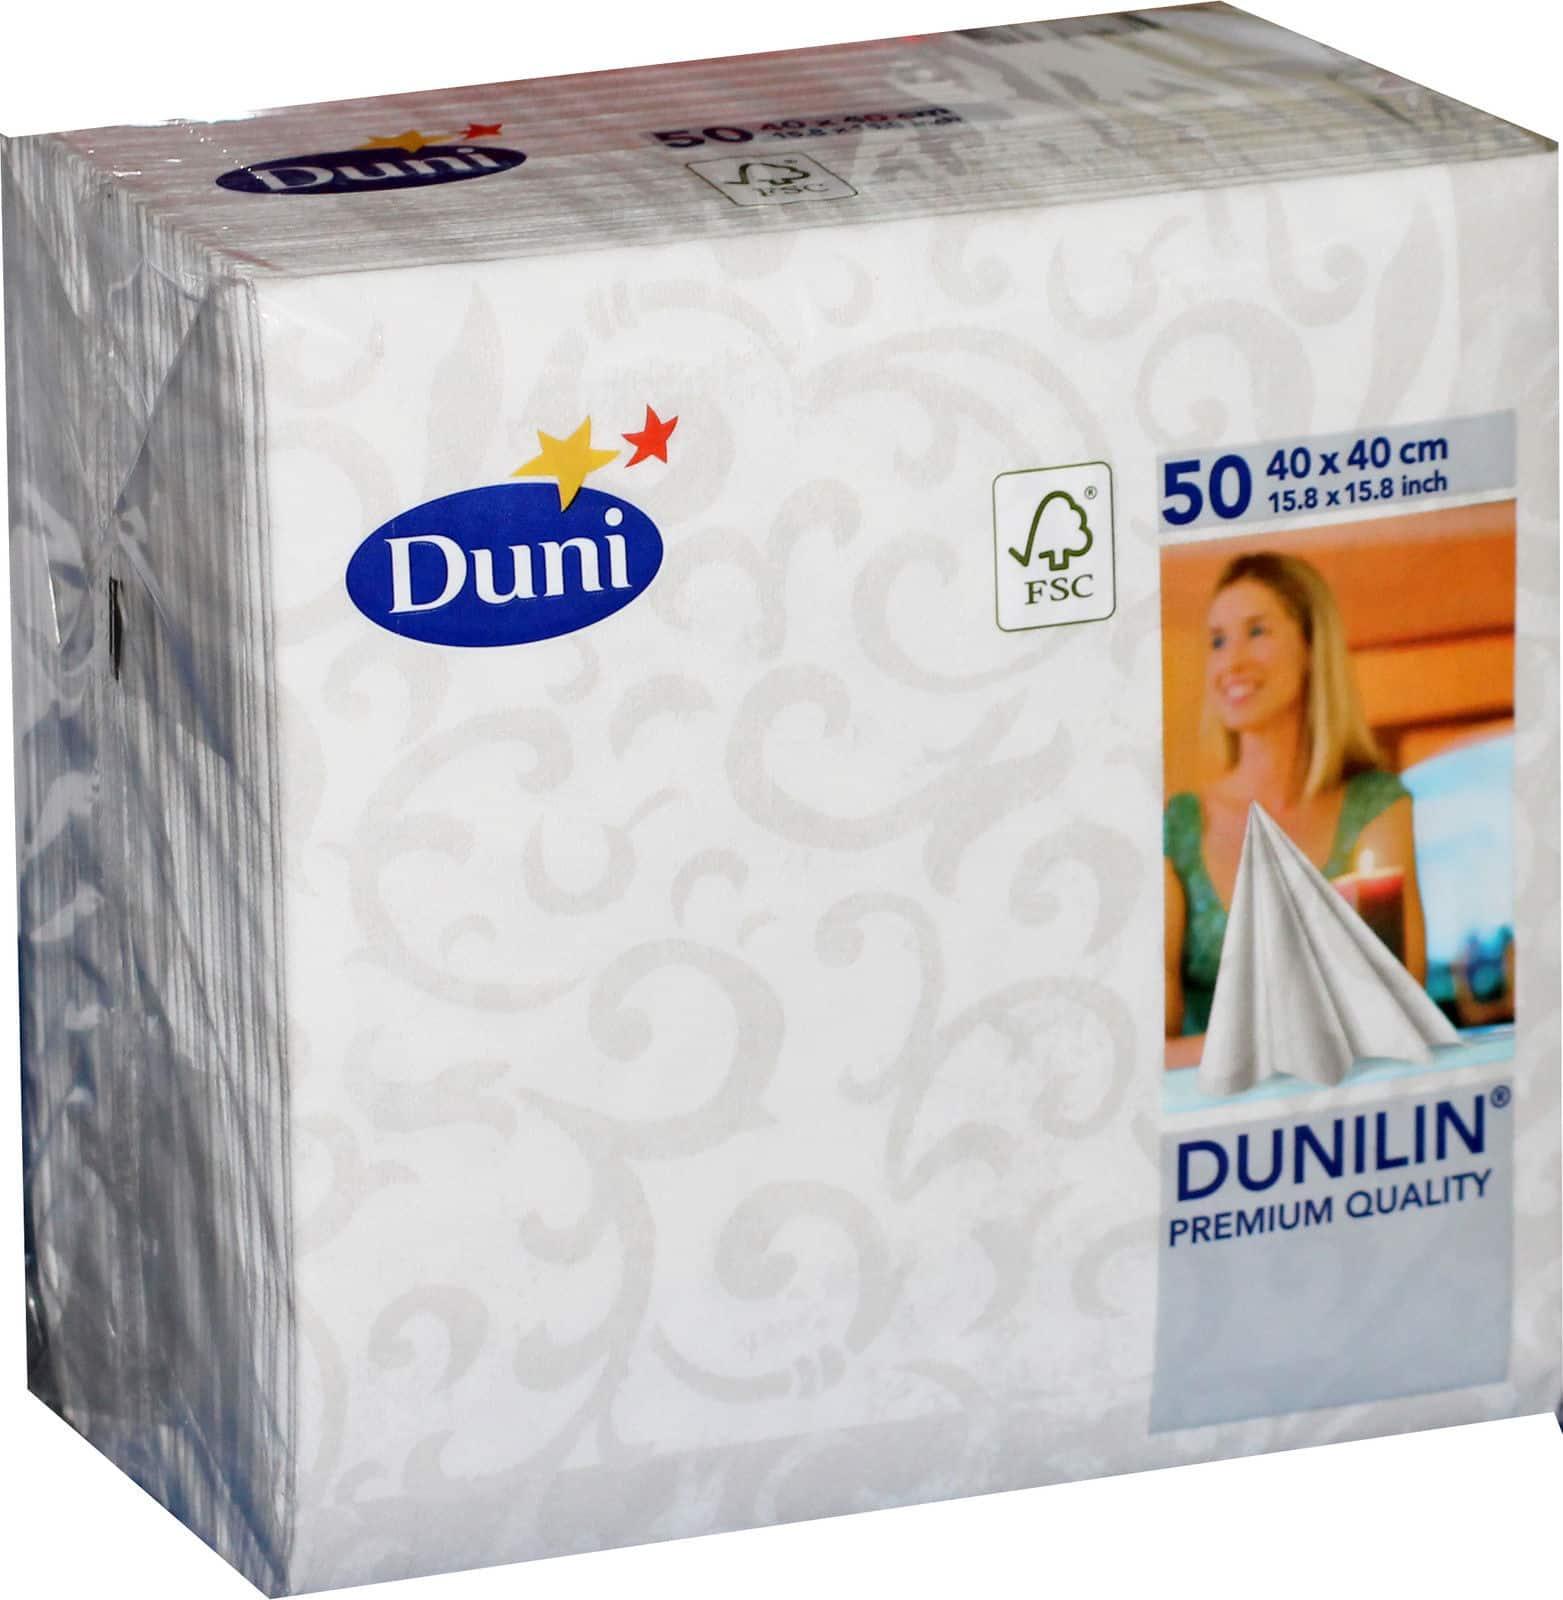 50 duni 163254 gastro servietten 40 x 40 cm tischdeko sarala white weiss neu ebay. Black Bedroom Furniture Sets. Home Design Ideas